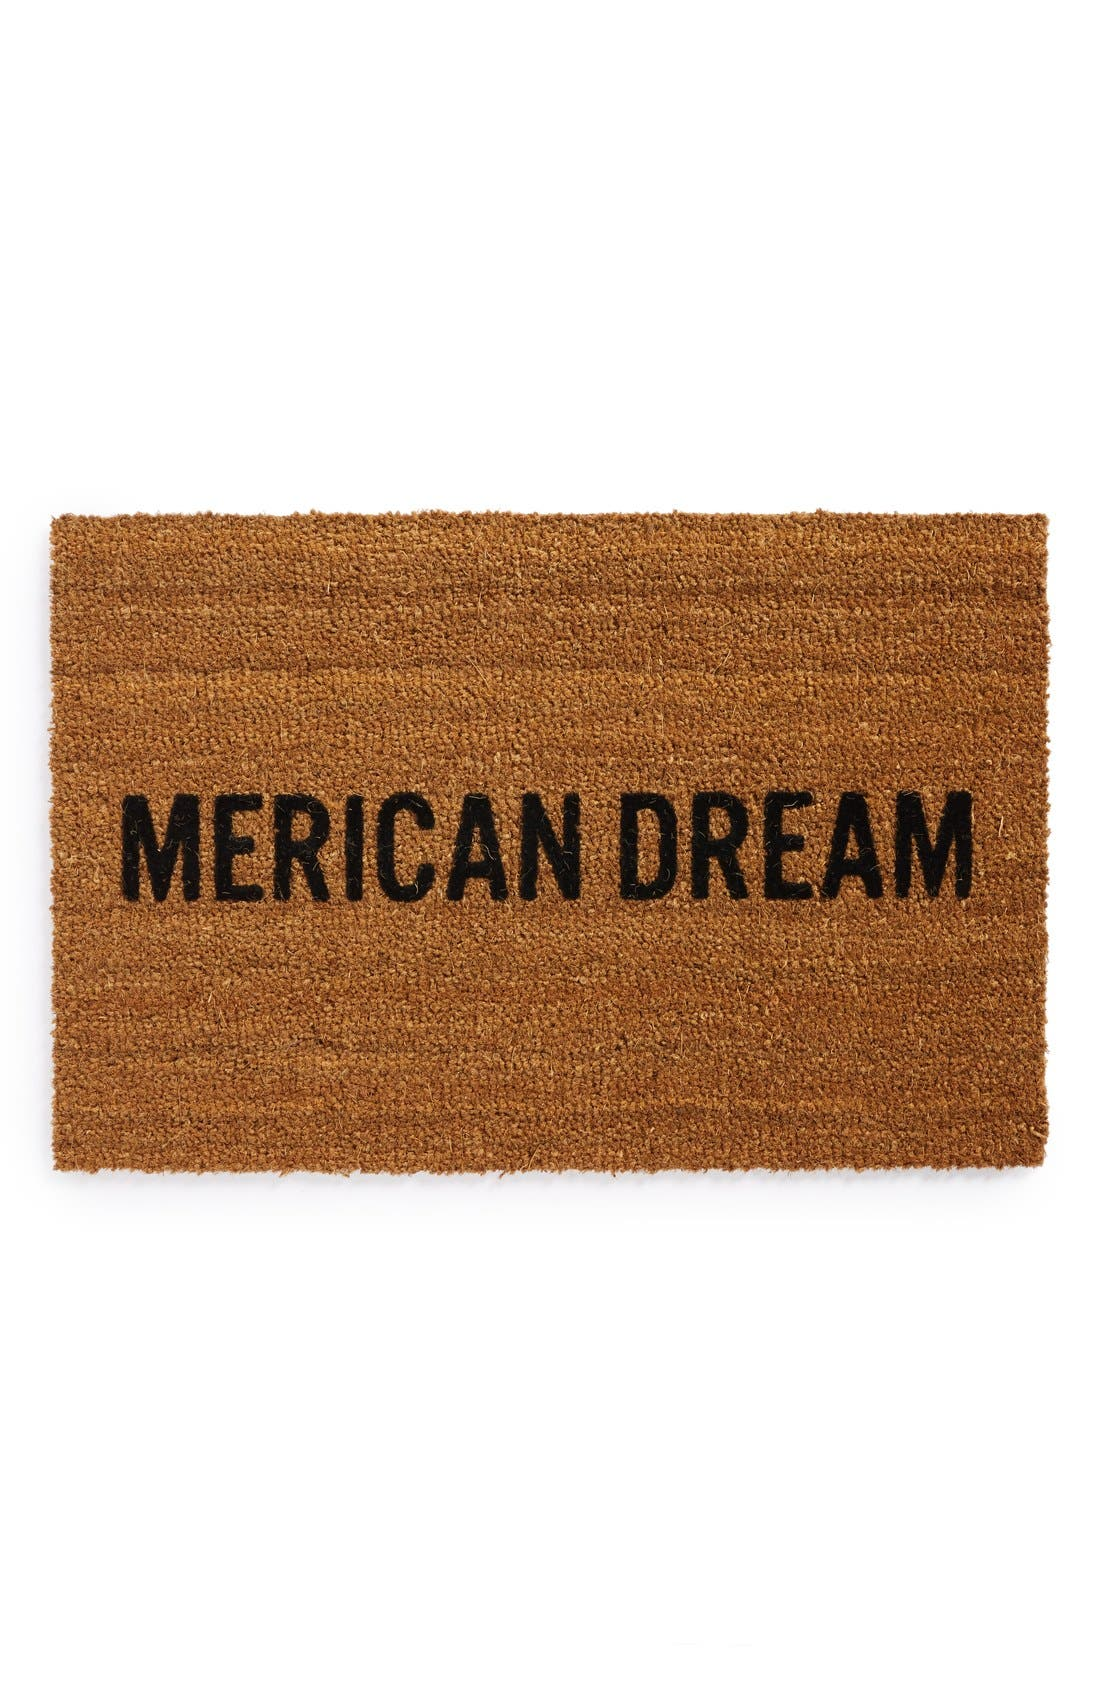 Reed Wilson Design 'Merican Dream' Doormat